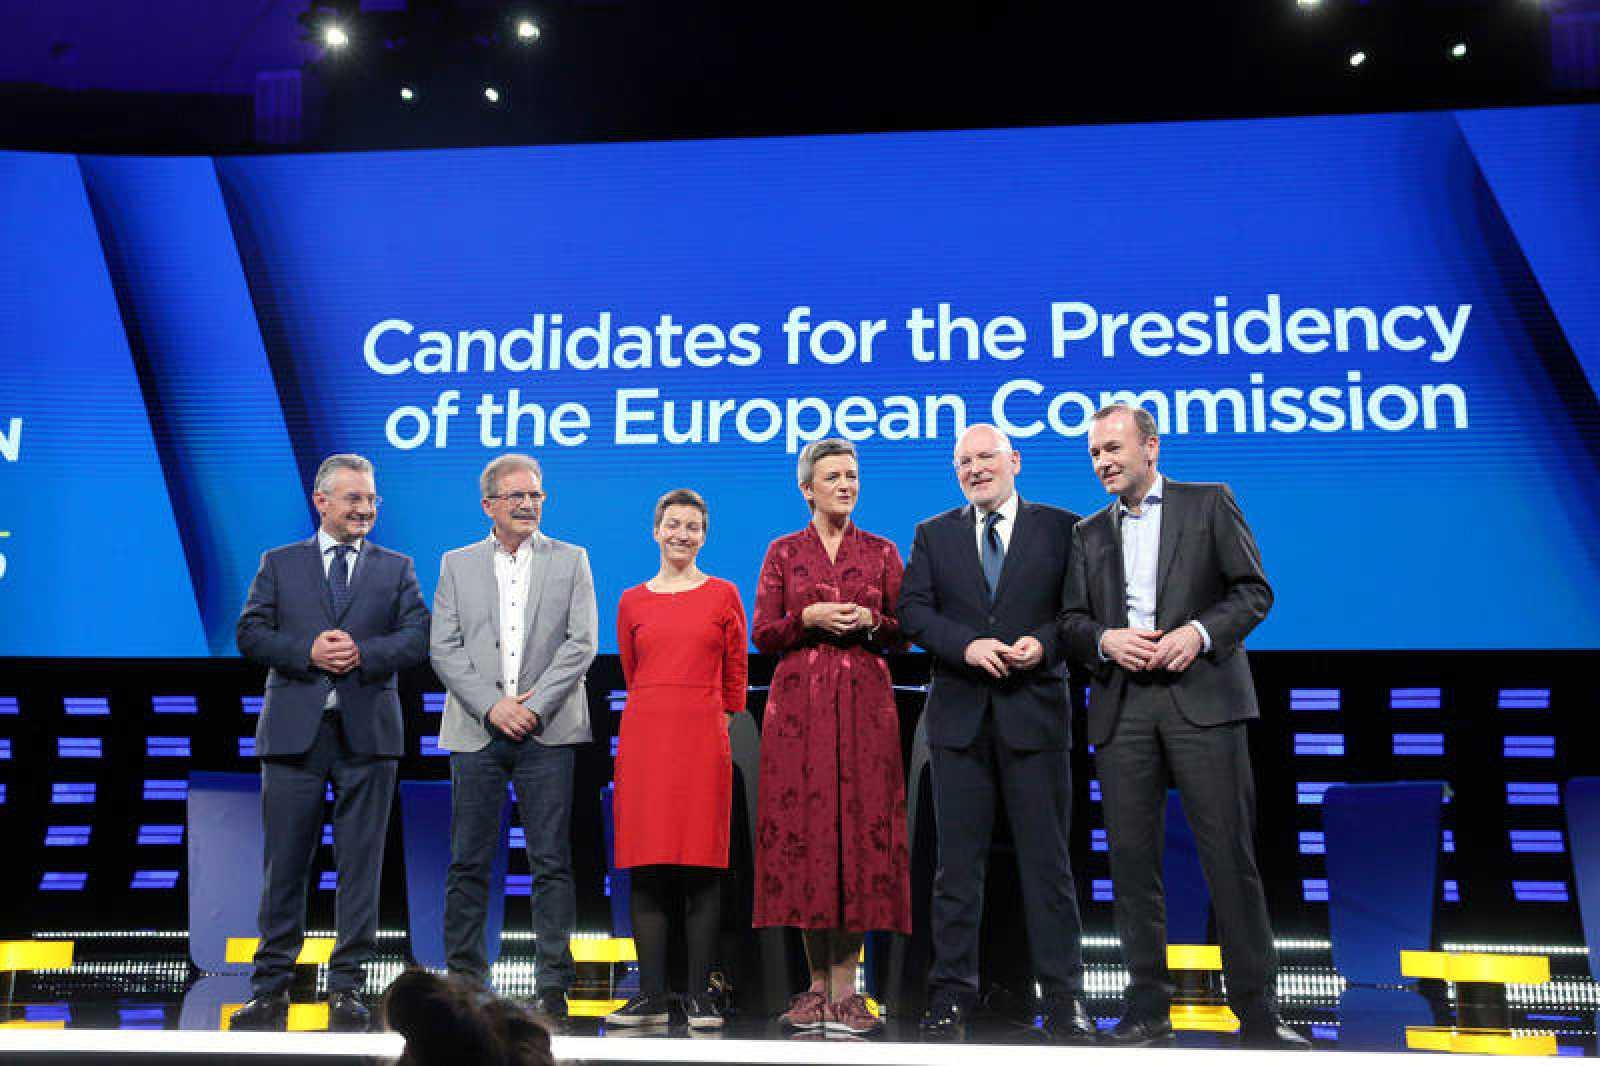 Los candidatos del debate de izquierda a derecha Jan Zahradil, Nico Cué, Ska Keller, Margrethe Vestager, Frans Timmermans y Manfred Weber